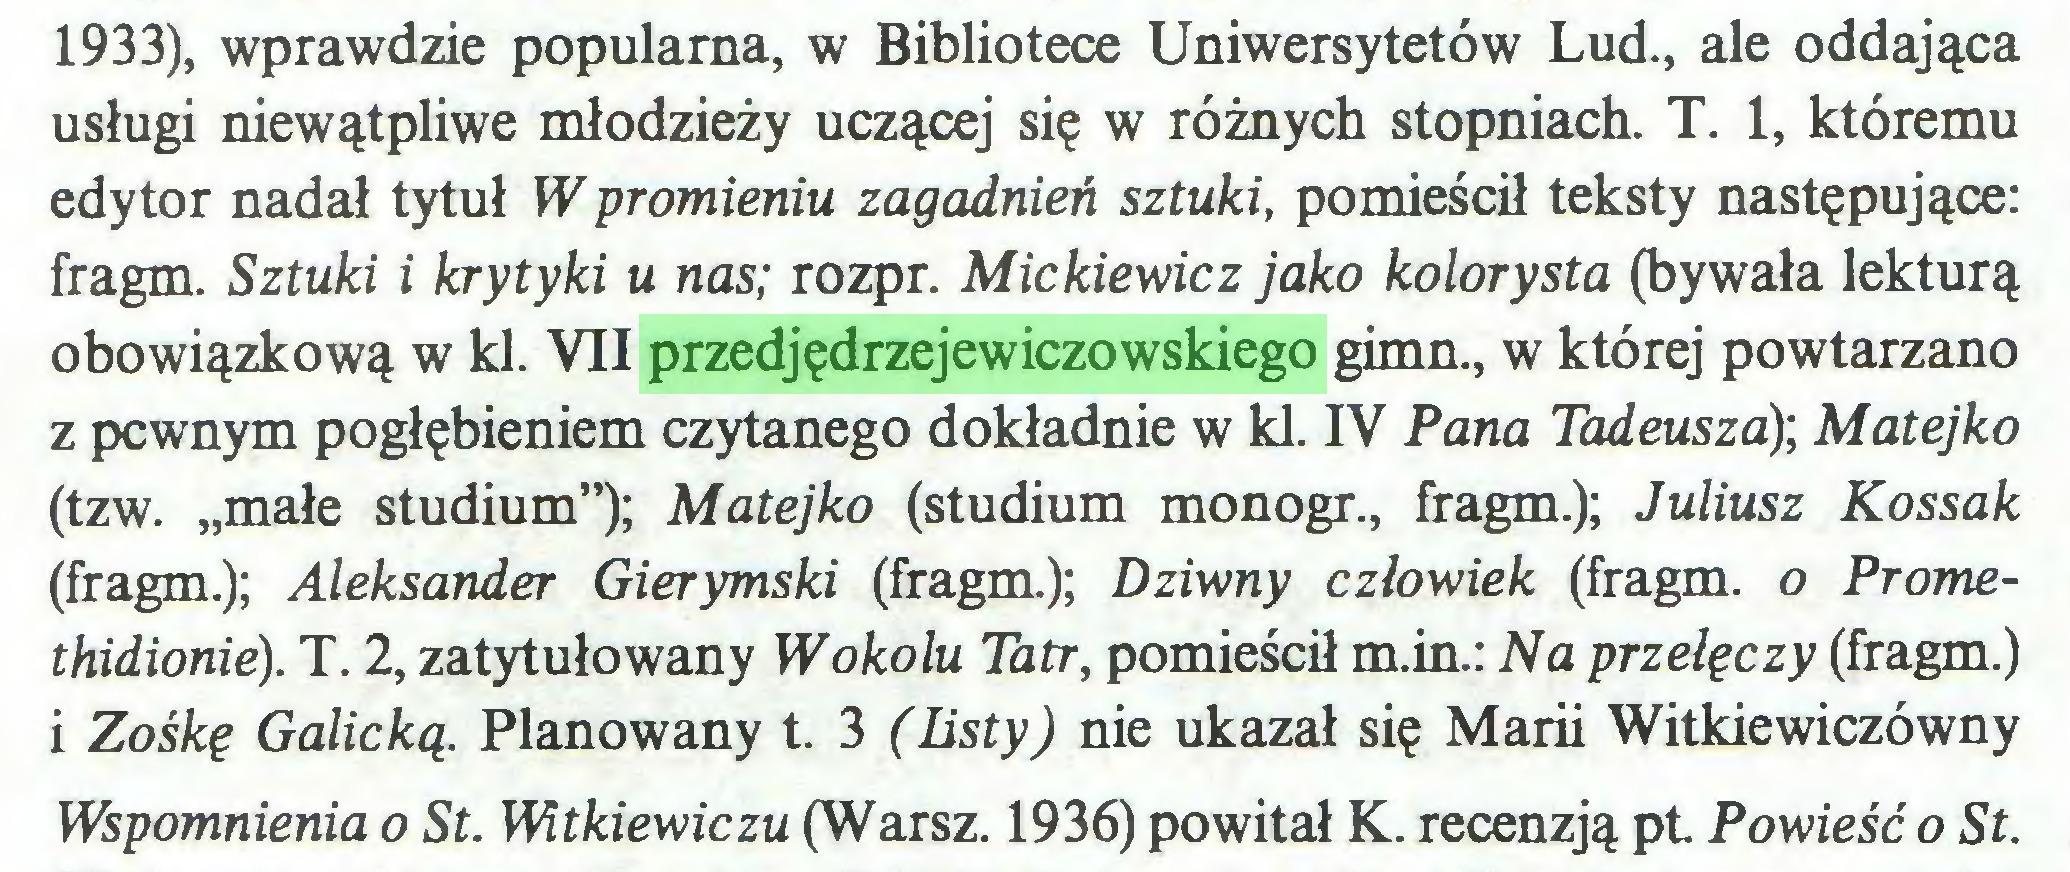 """(...) 1933), wprawdzie popularna, w Bibliotece Uniwersytetów Lud., ale oddająca usługi niewątpliwe młodzieży uczącej się w różnych stopniach. T. 1, któremu edytor nadał tytuł W promieniu zagadnień sztuki, pomieścił teksty następujące: fragm. Sztuki i krytyki u nas; rozpr. Mickiewicz jako kolorysta (bywała lekturą obowiązkową w kl. VII przedjędrzejewiczowskiego gimn., w której powtarzano z pewnym pogłębieniem czytanego dokładnie w kl. IV Pana Tadeusza); Matejko (tzw. """"małe studium""""); Matejko (studium monogr., fragm.); Juliusz Kossak (fragm.); Aleksander Gierymski (fragm.); Dziwny człowiek (fragm. o Promethidionie). T. 2, zatytułowany Wokolu Tatr, pomieścił m.in.: Na przełęczy (fragm.) i Zośkę Galicką. Planowany t. 3 (listy) nie ukazał się Marii Witkiewiczówny Wspomnienia o St. Witkiewiczu (Warsz. 1936) powitał K. recenzją pt Powieść o St..."""